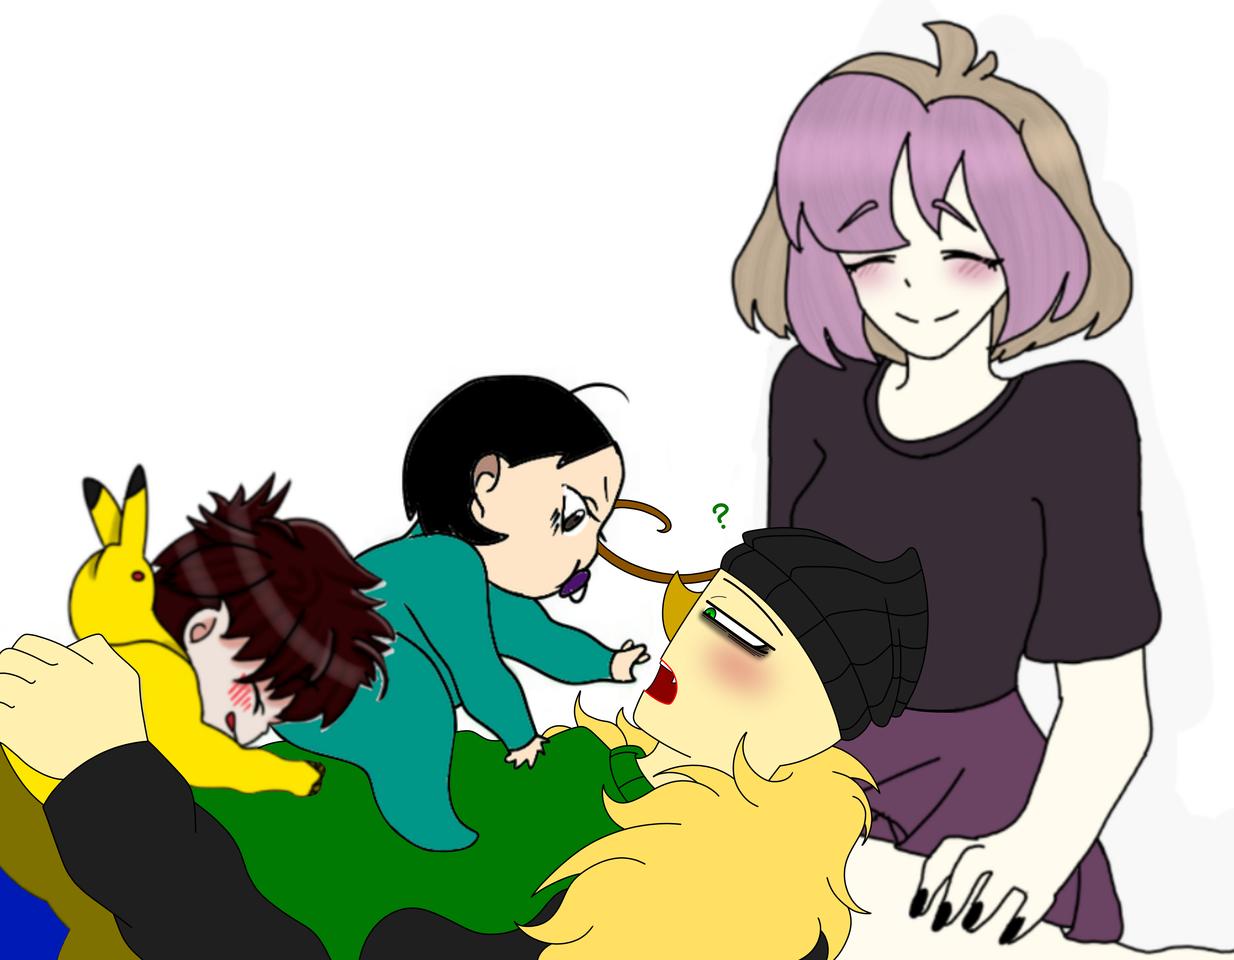 Collab with Kosai, Anna and PastelCutie ! Illust of ฿₳ⱠĐł ฿₳ⱠĐł₥ØⱤɆ medibangpaint